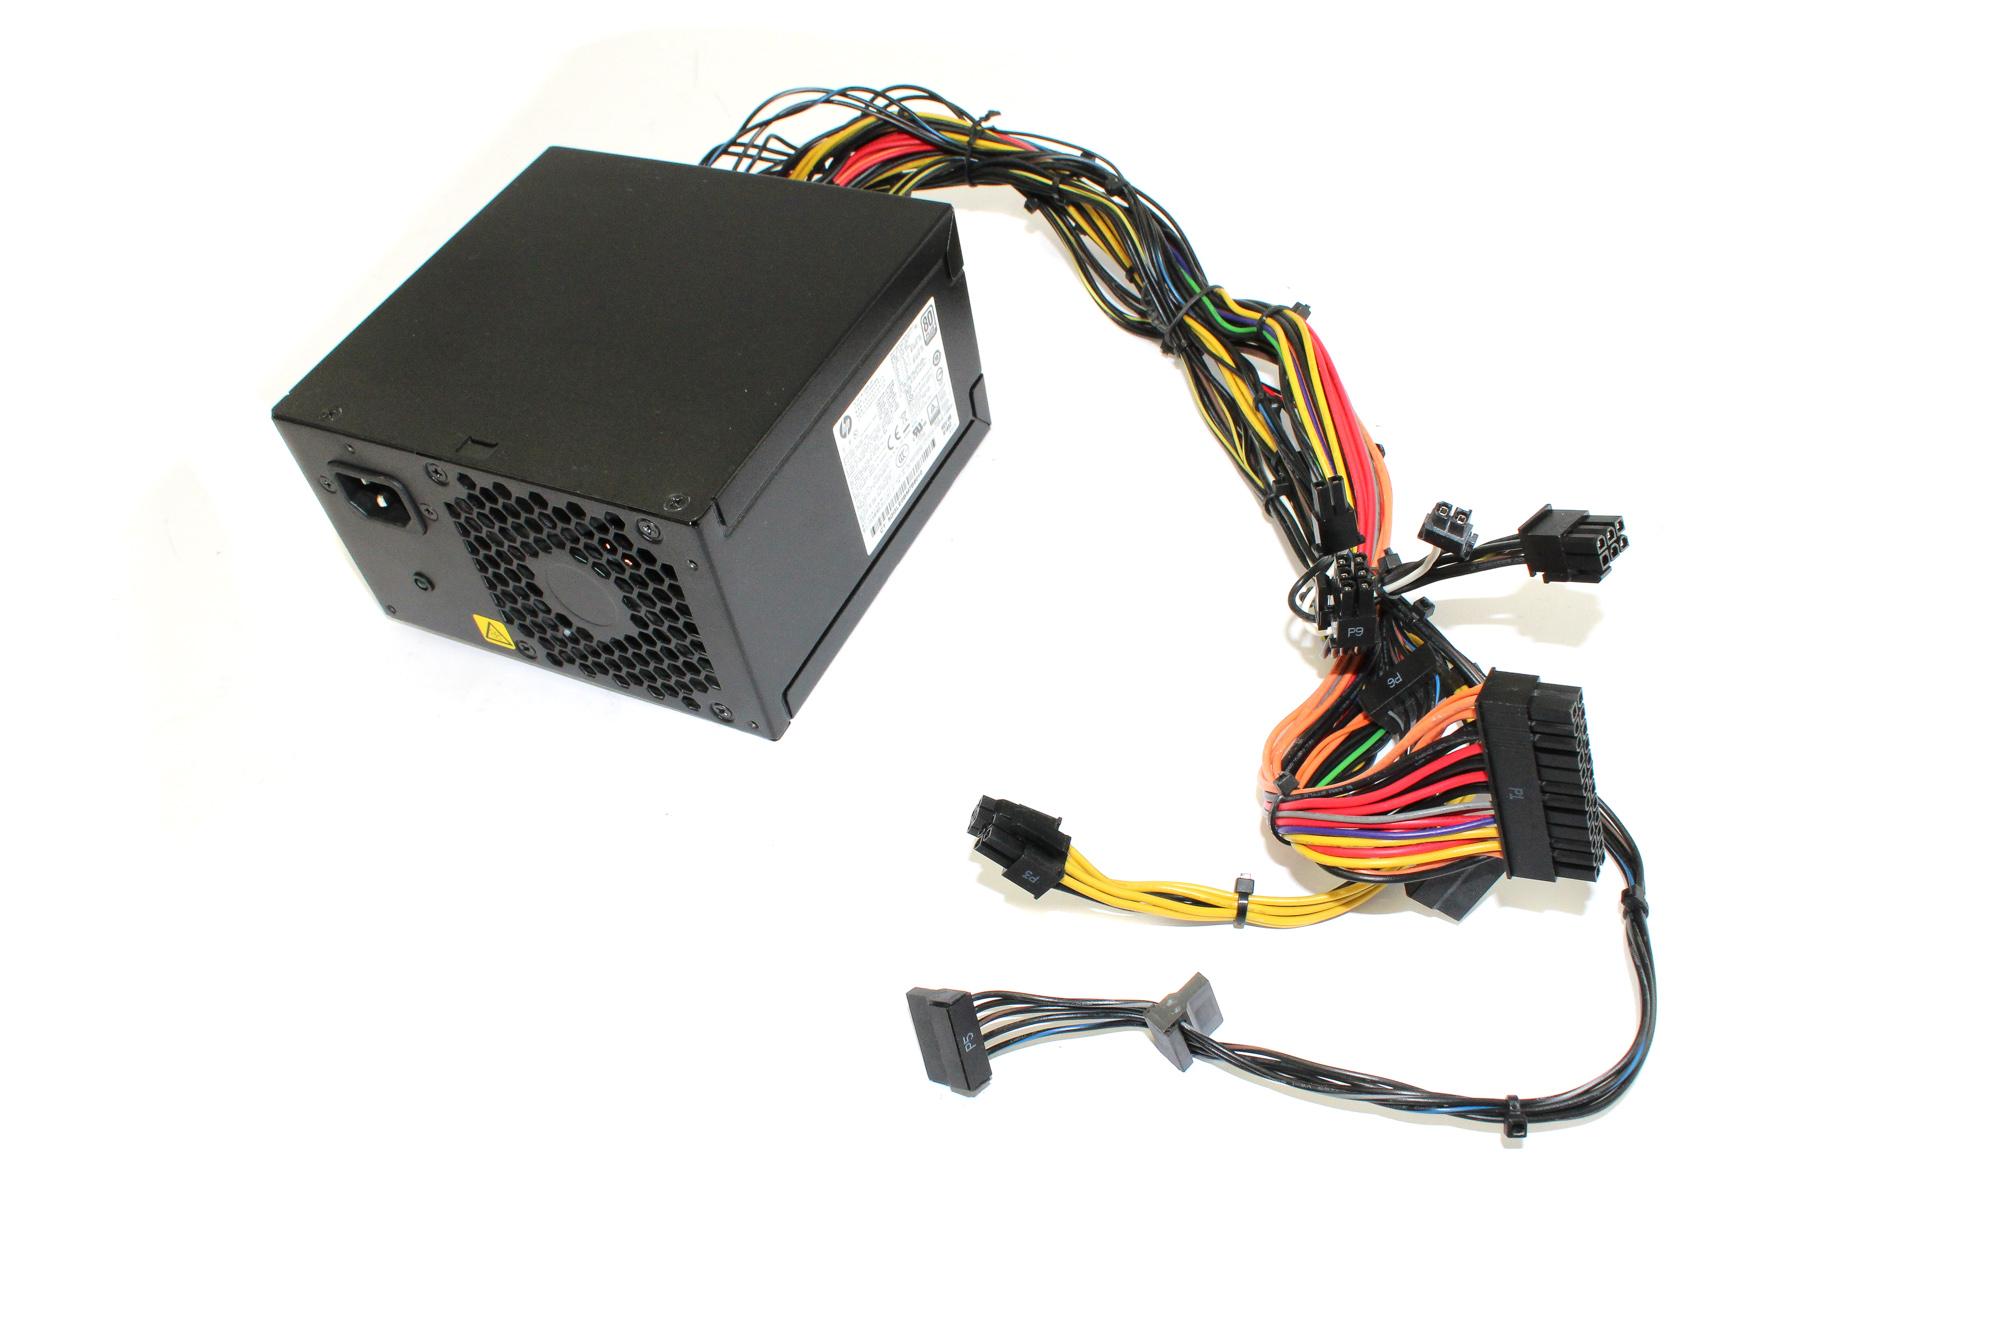 HP 918585-001 500W 80+ Bronze ATX PSU f/ Omen 880 Lite-on PS-8501-2